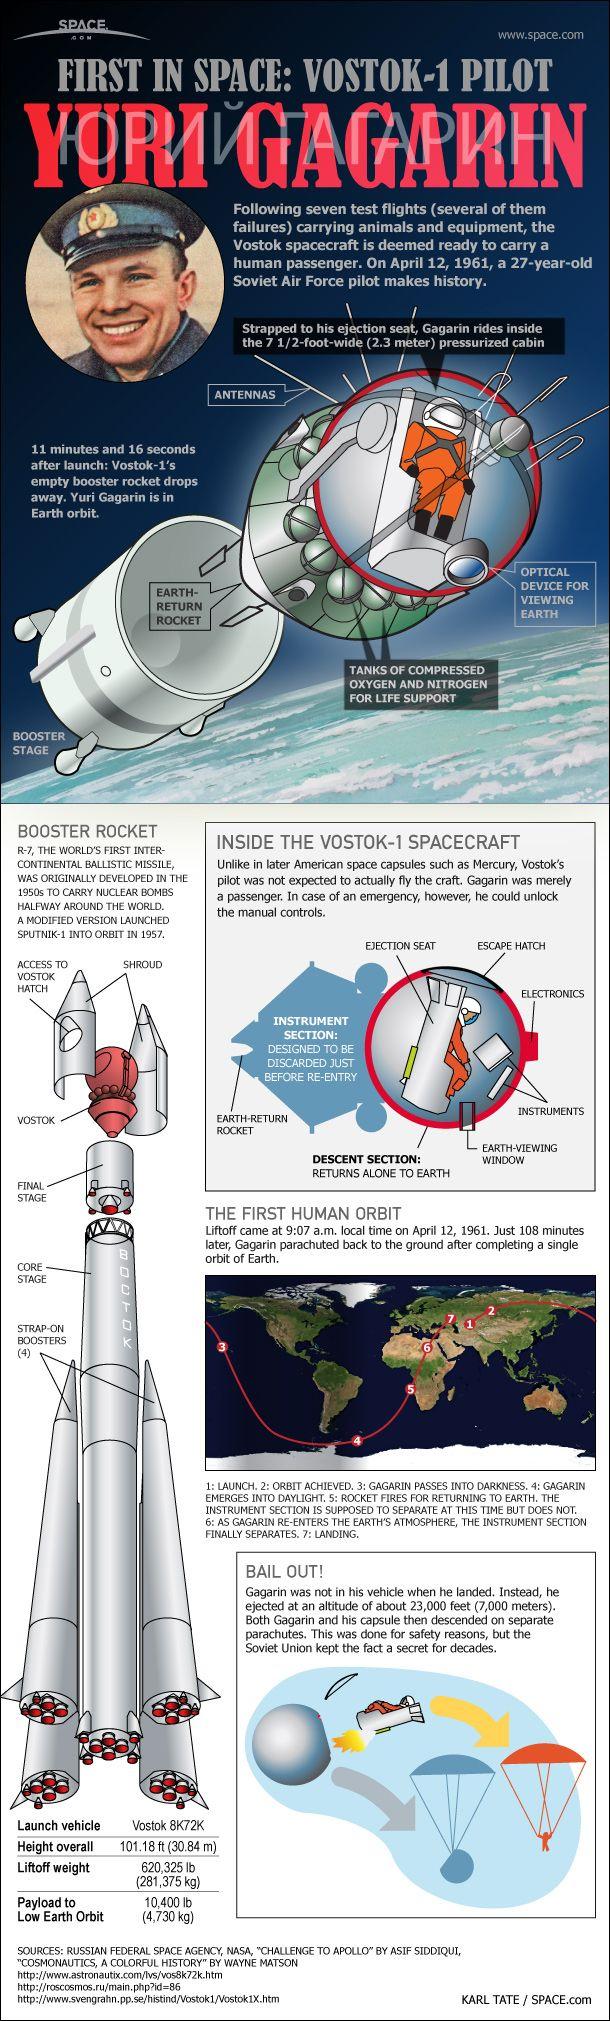 El vuelo al espacio de Yuri Gagarin